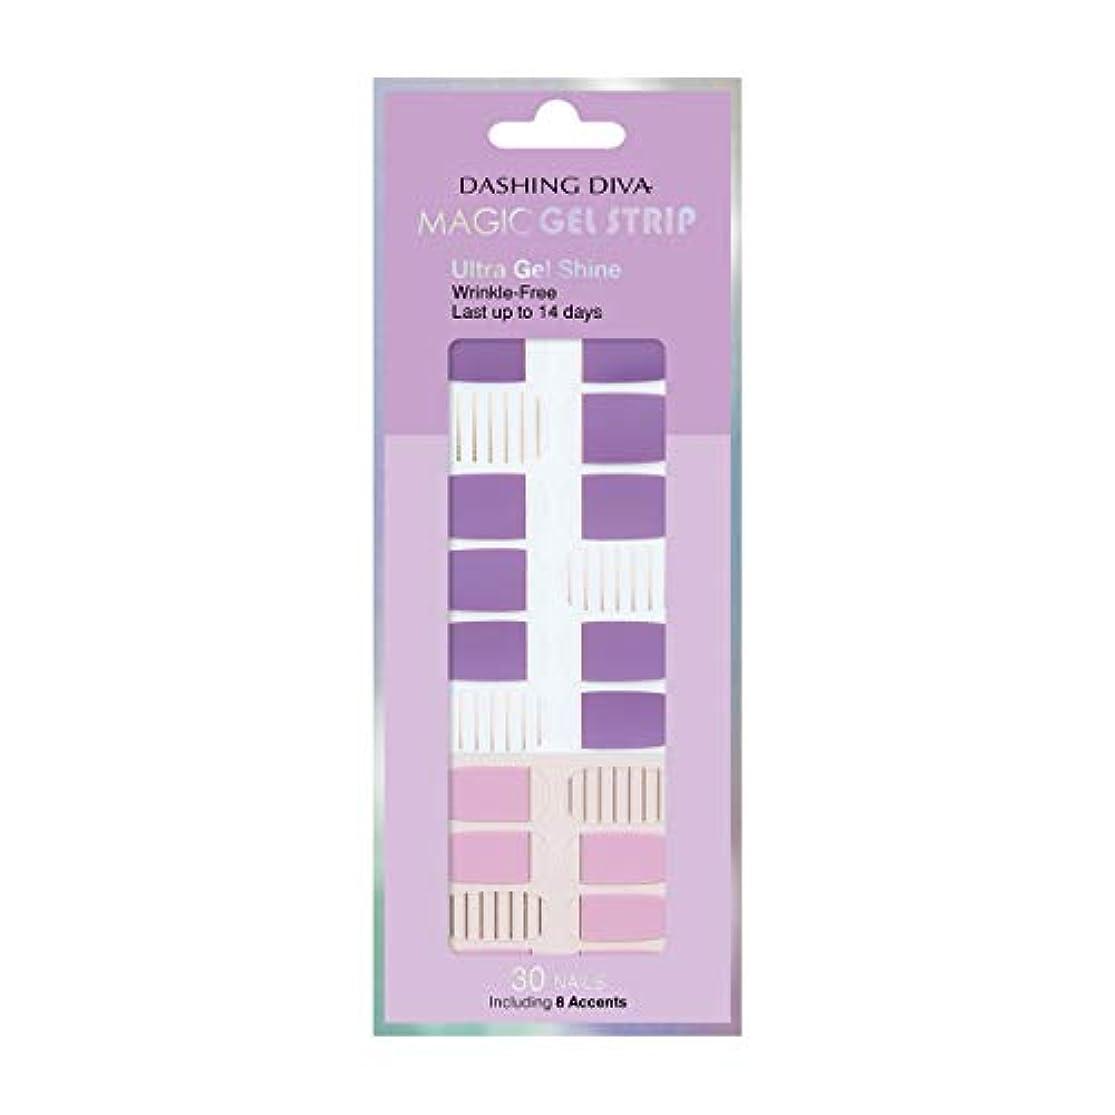 増加する個人的にフランクワースリーダッシングディバ マジックジェルストリップ DASHING DIVA Magic Gel Strip DGST83-DURY+ オリジナルジェル ネイルシール Purple Stripe